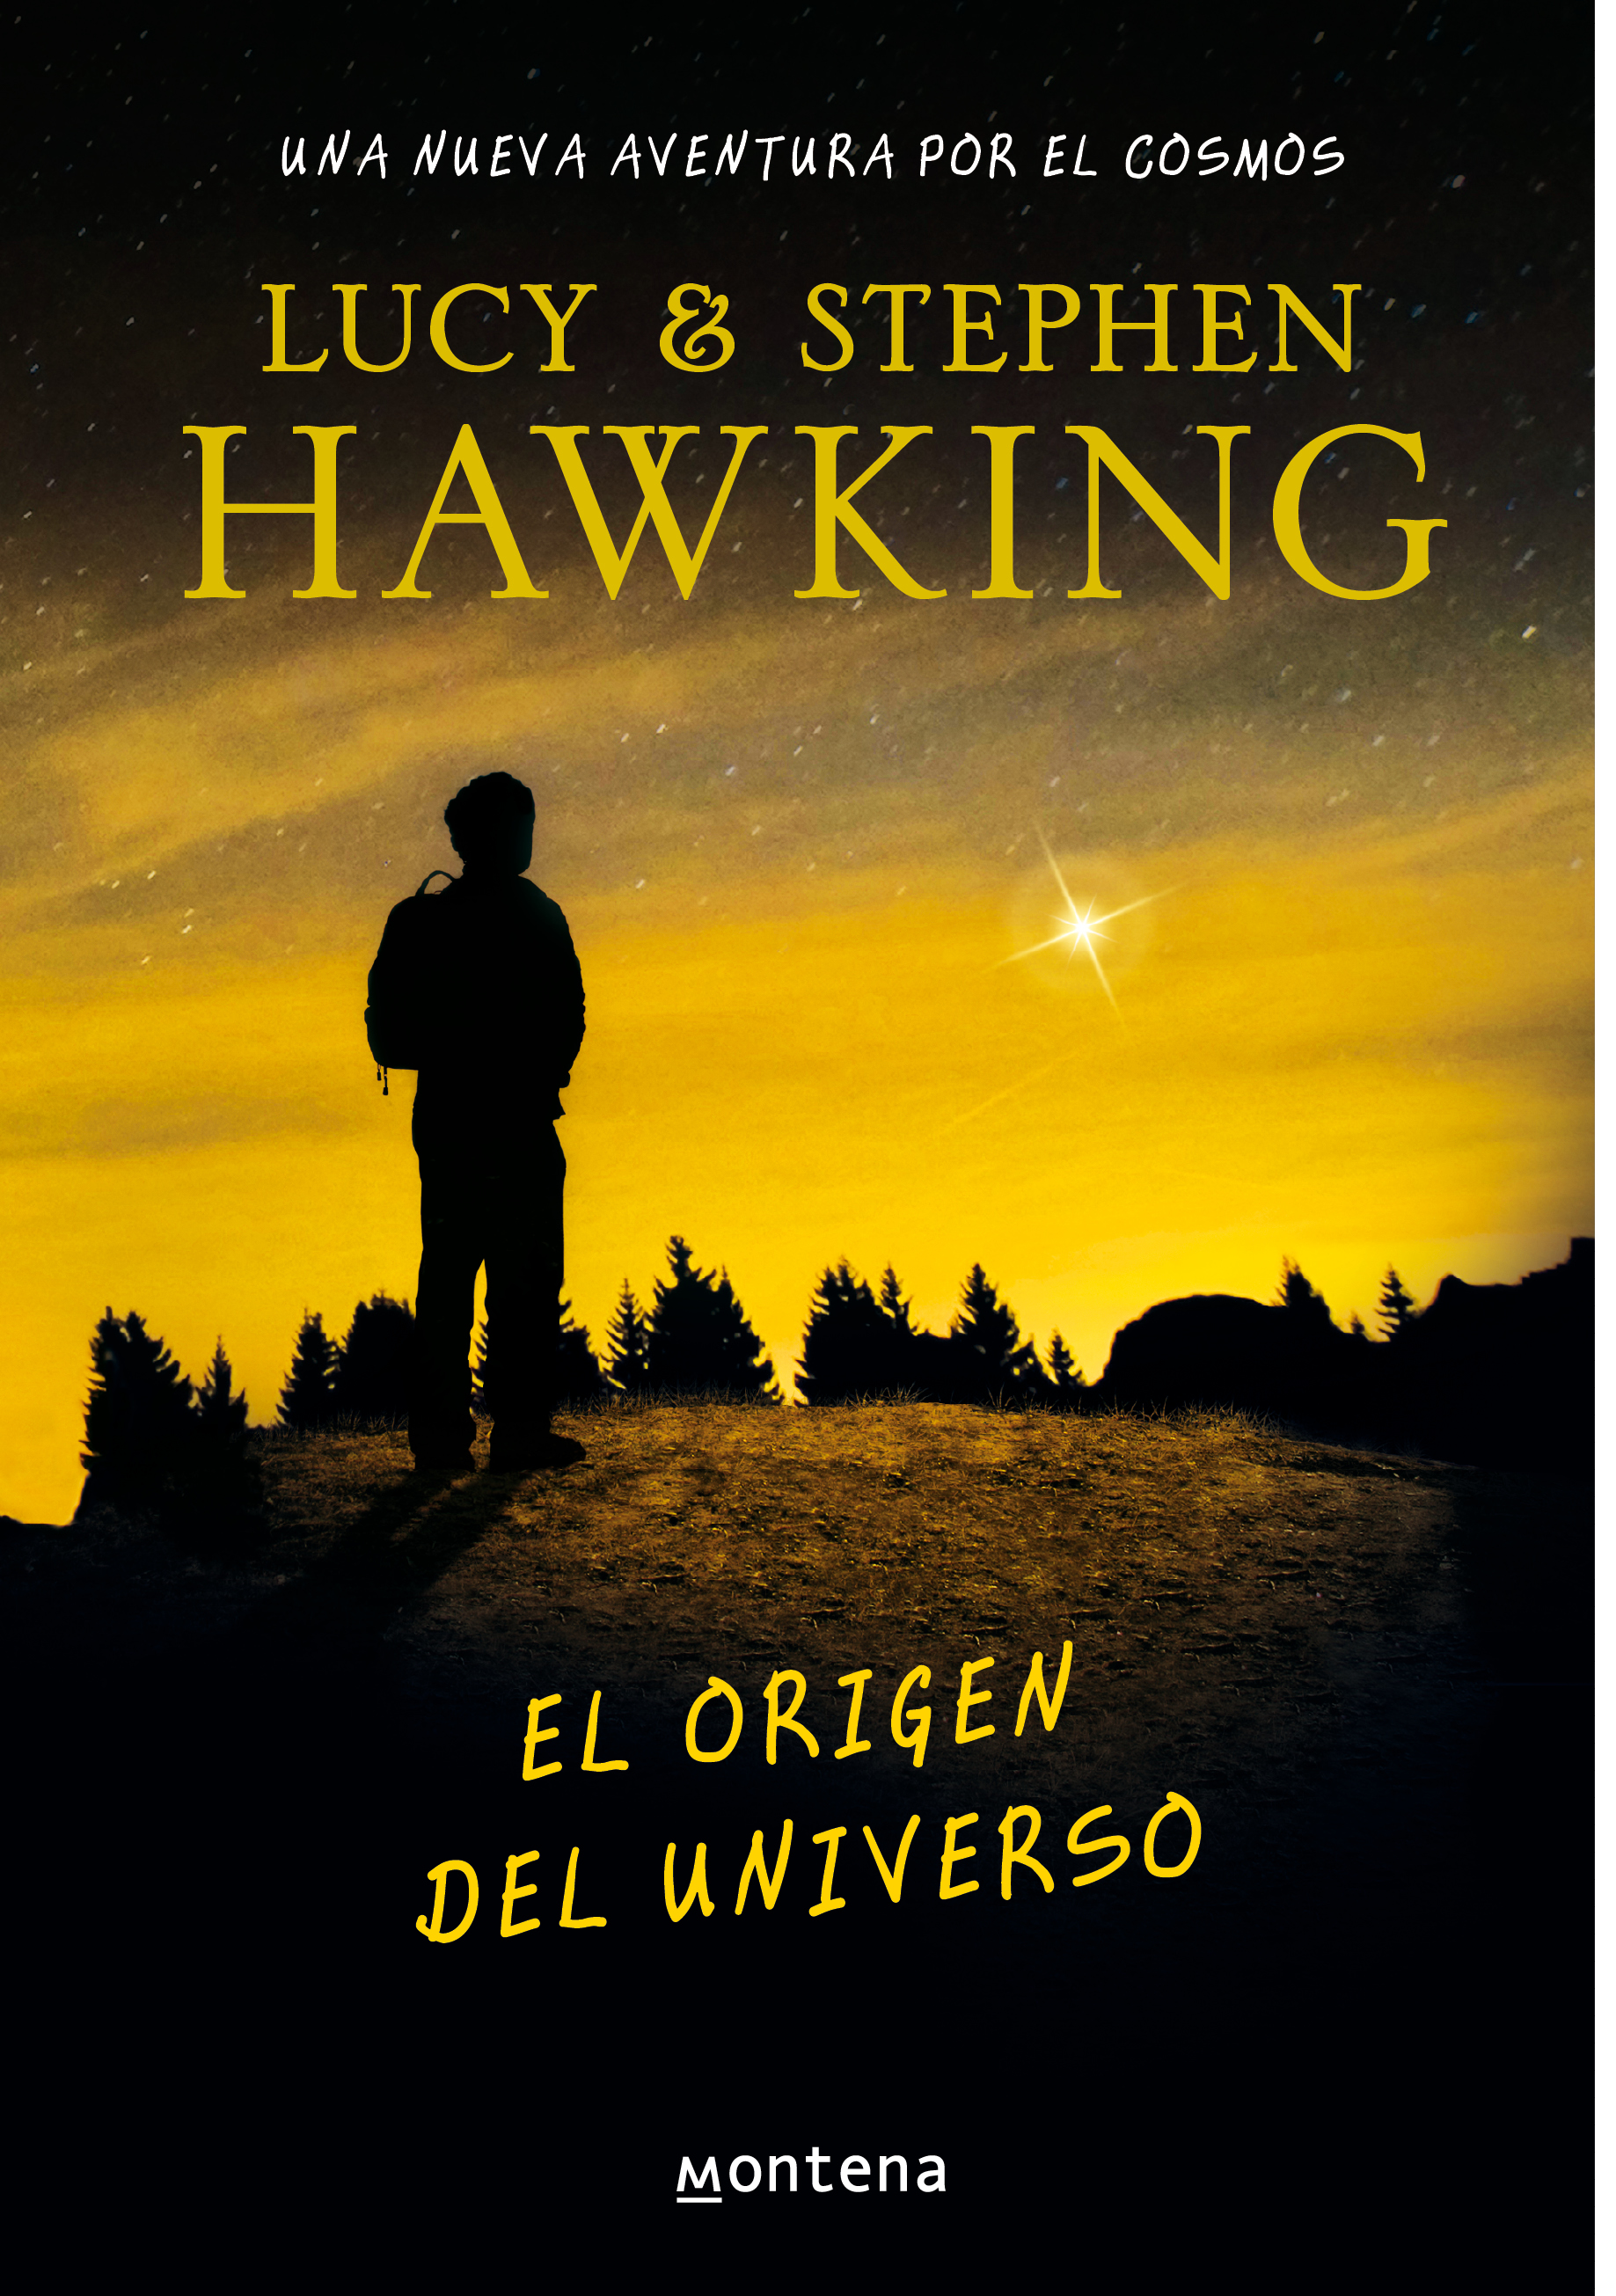 El origen del universo (La clave secreta del universo 3) Una nueva aventura  por